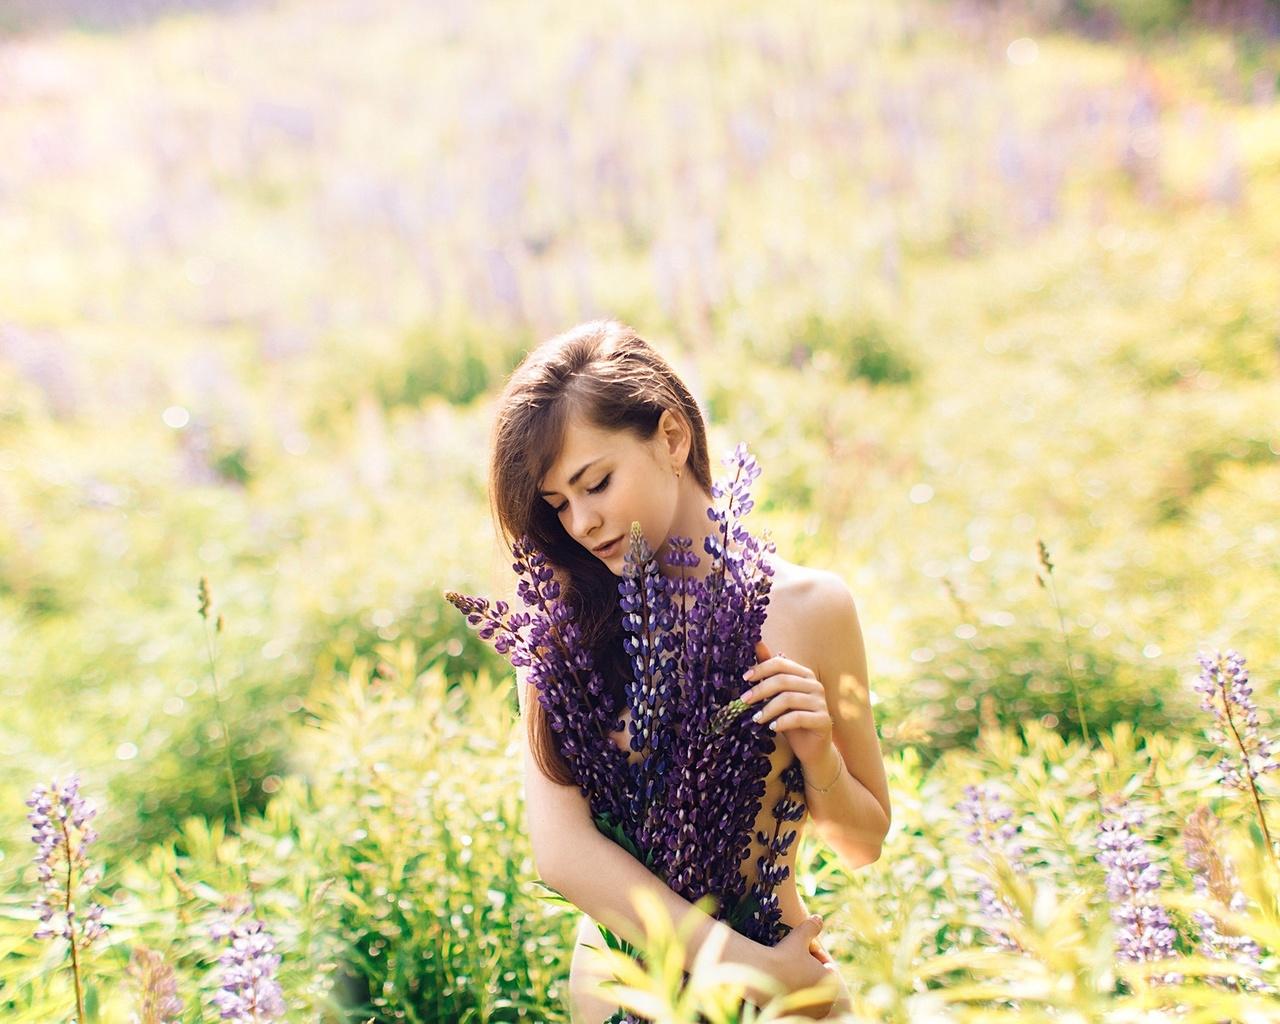 девушка, на природе, трава, цветы, красивая, одетая в цветы, длинные волосы, закрытые глаза